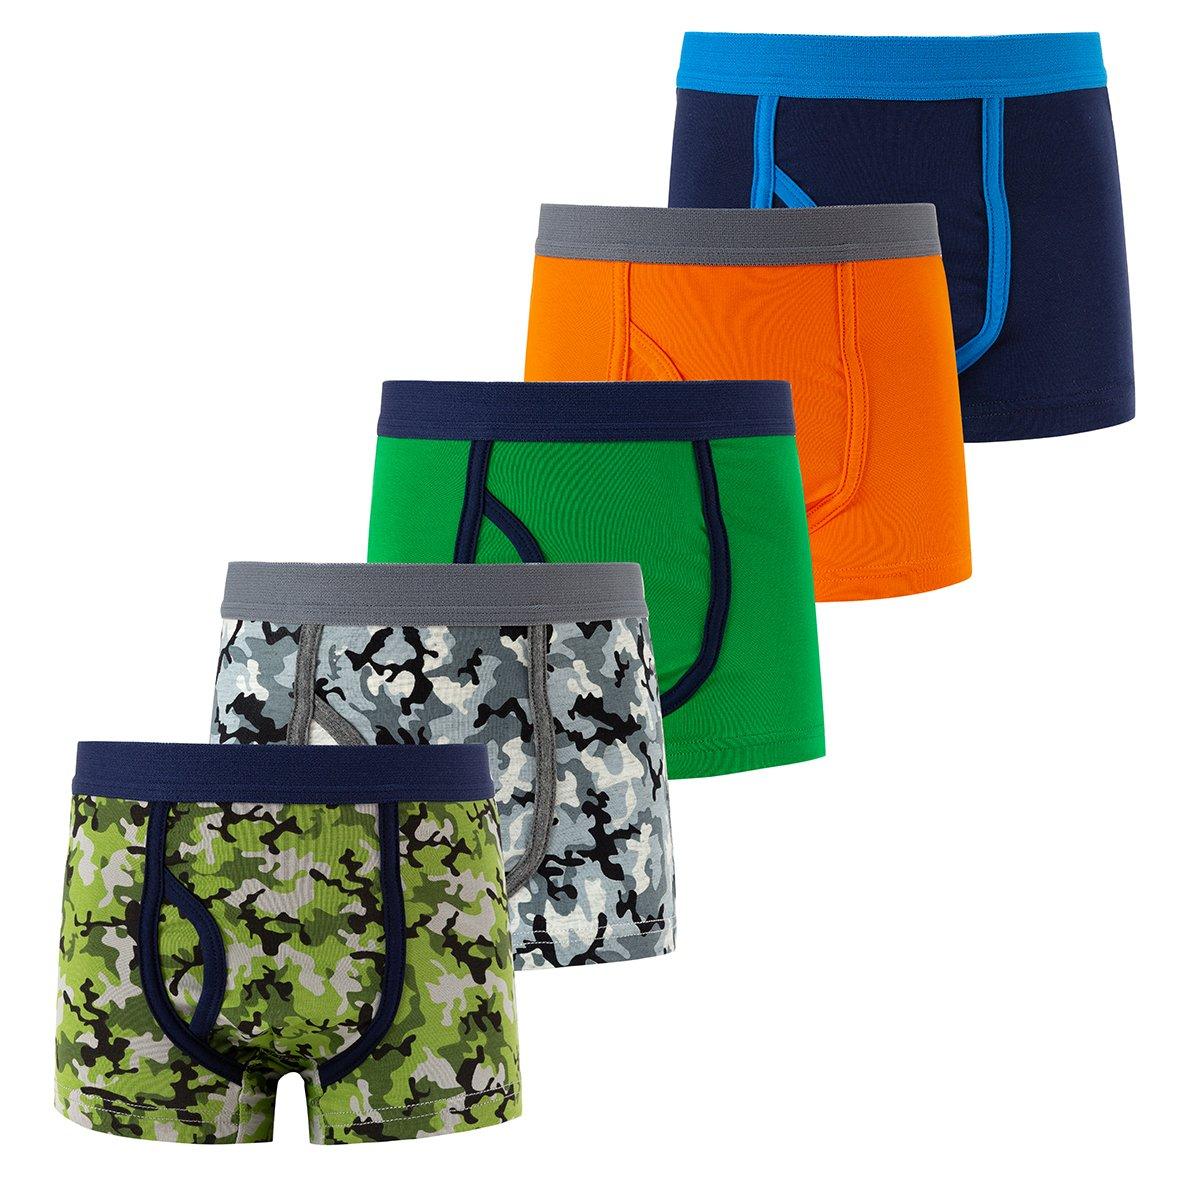 B.GKAKA Boys Boxer Brief Little Spandex Underwear 5 Pack